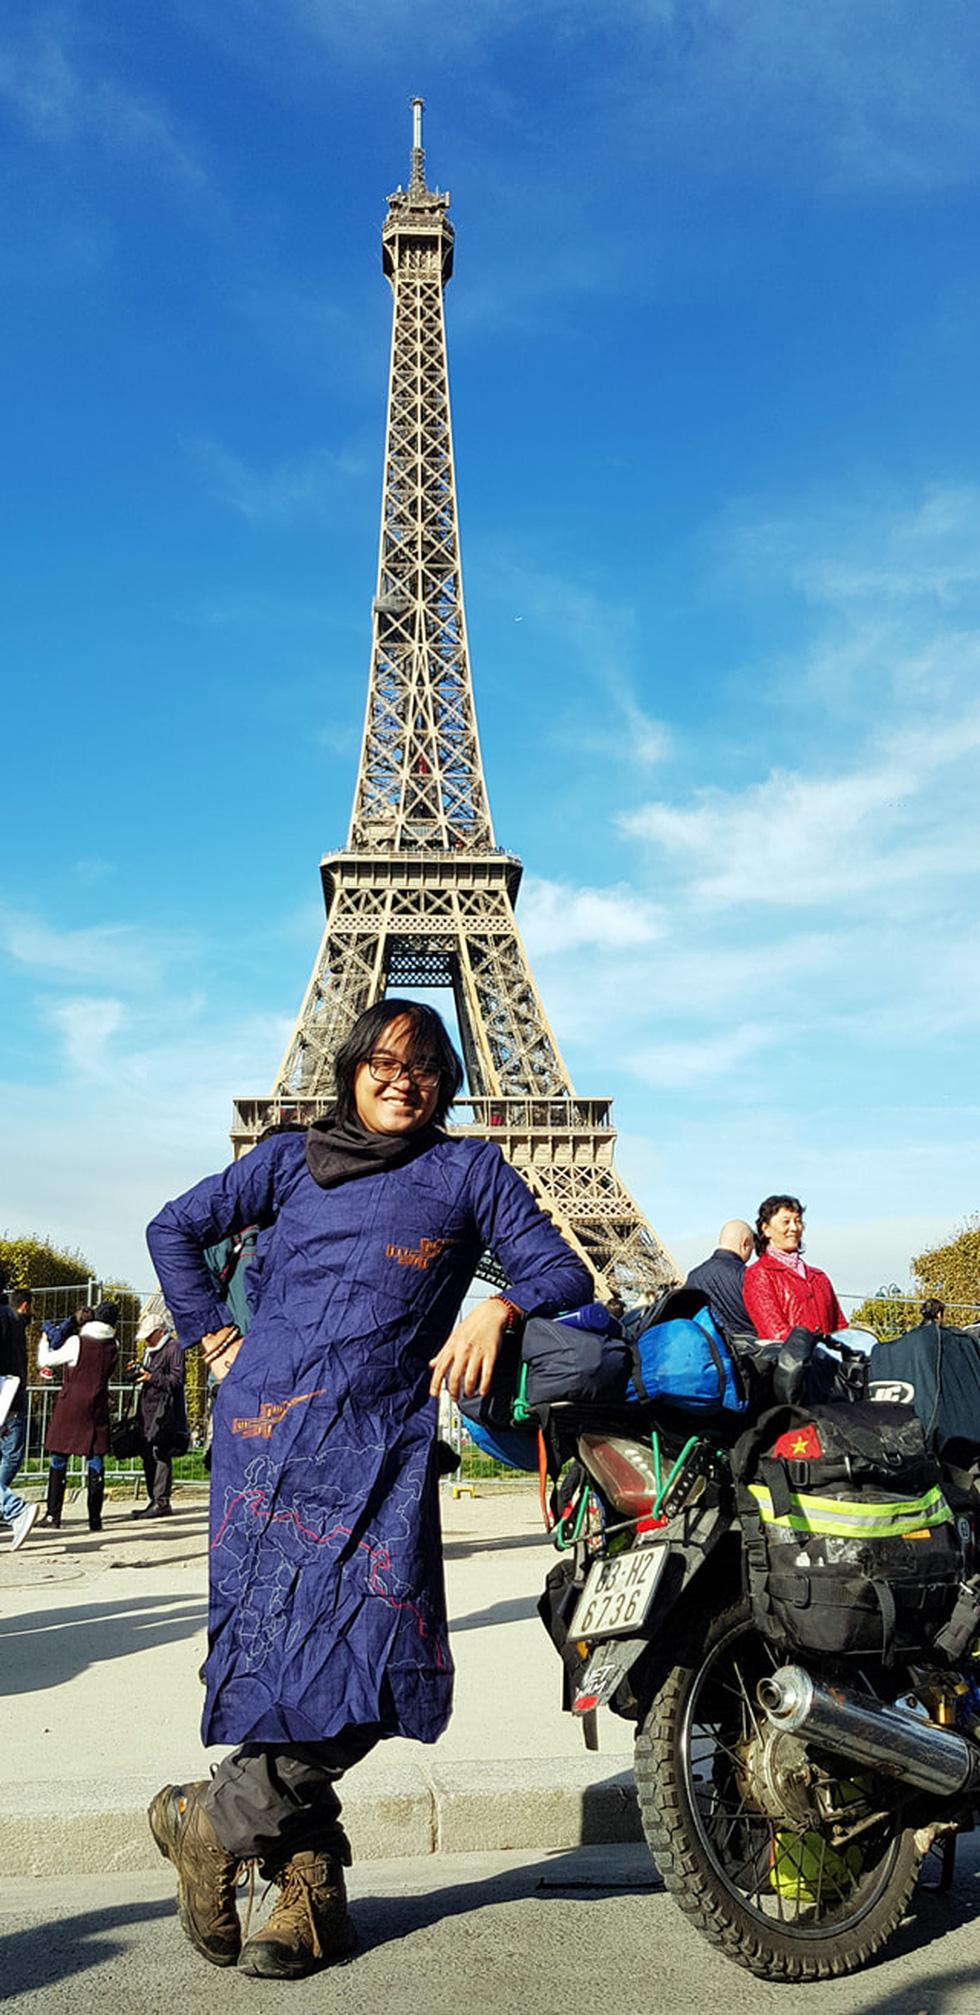 1.111 ngày đi khắp thế giới của Trần Đặng Đăng Khoa: đi 80.000km qua 65 nước - Ảnh 2.